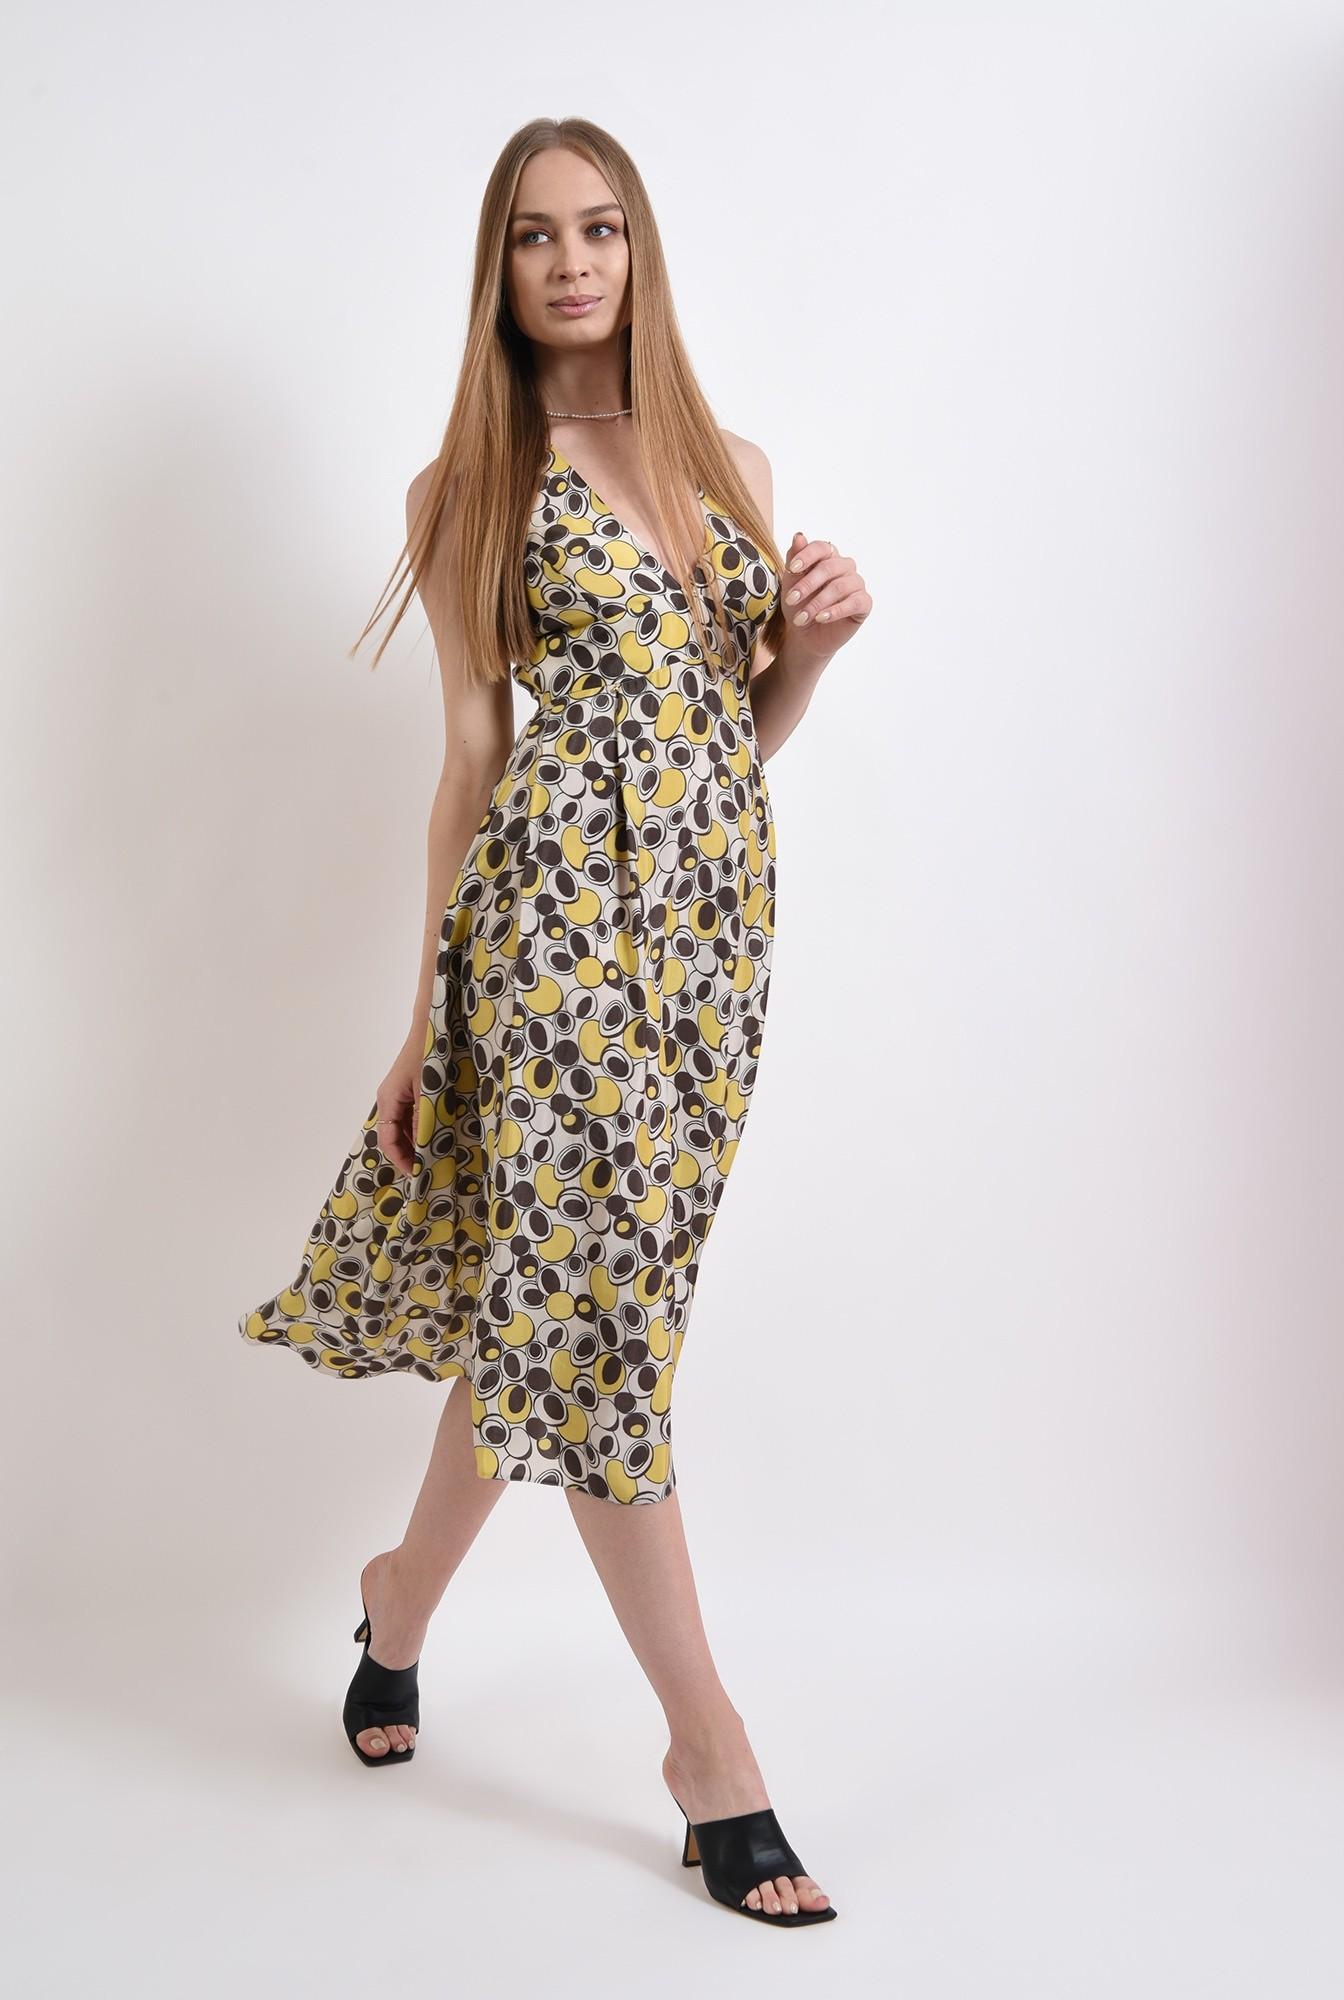 0 - rochie casual, cu print, evazata, Poema